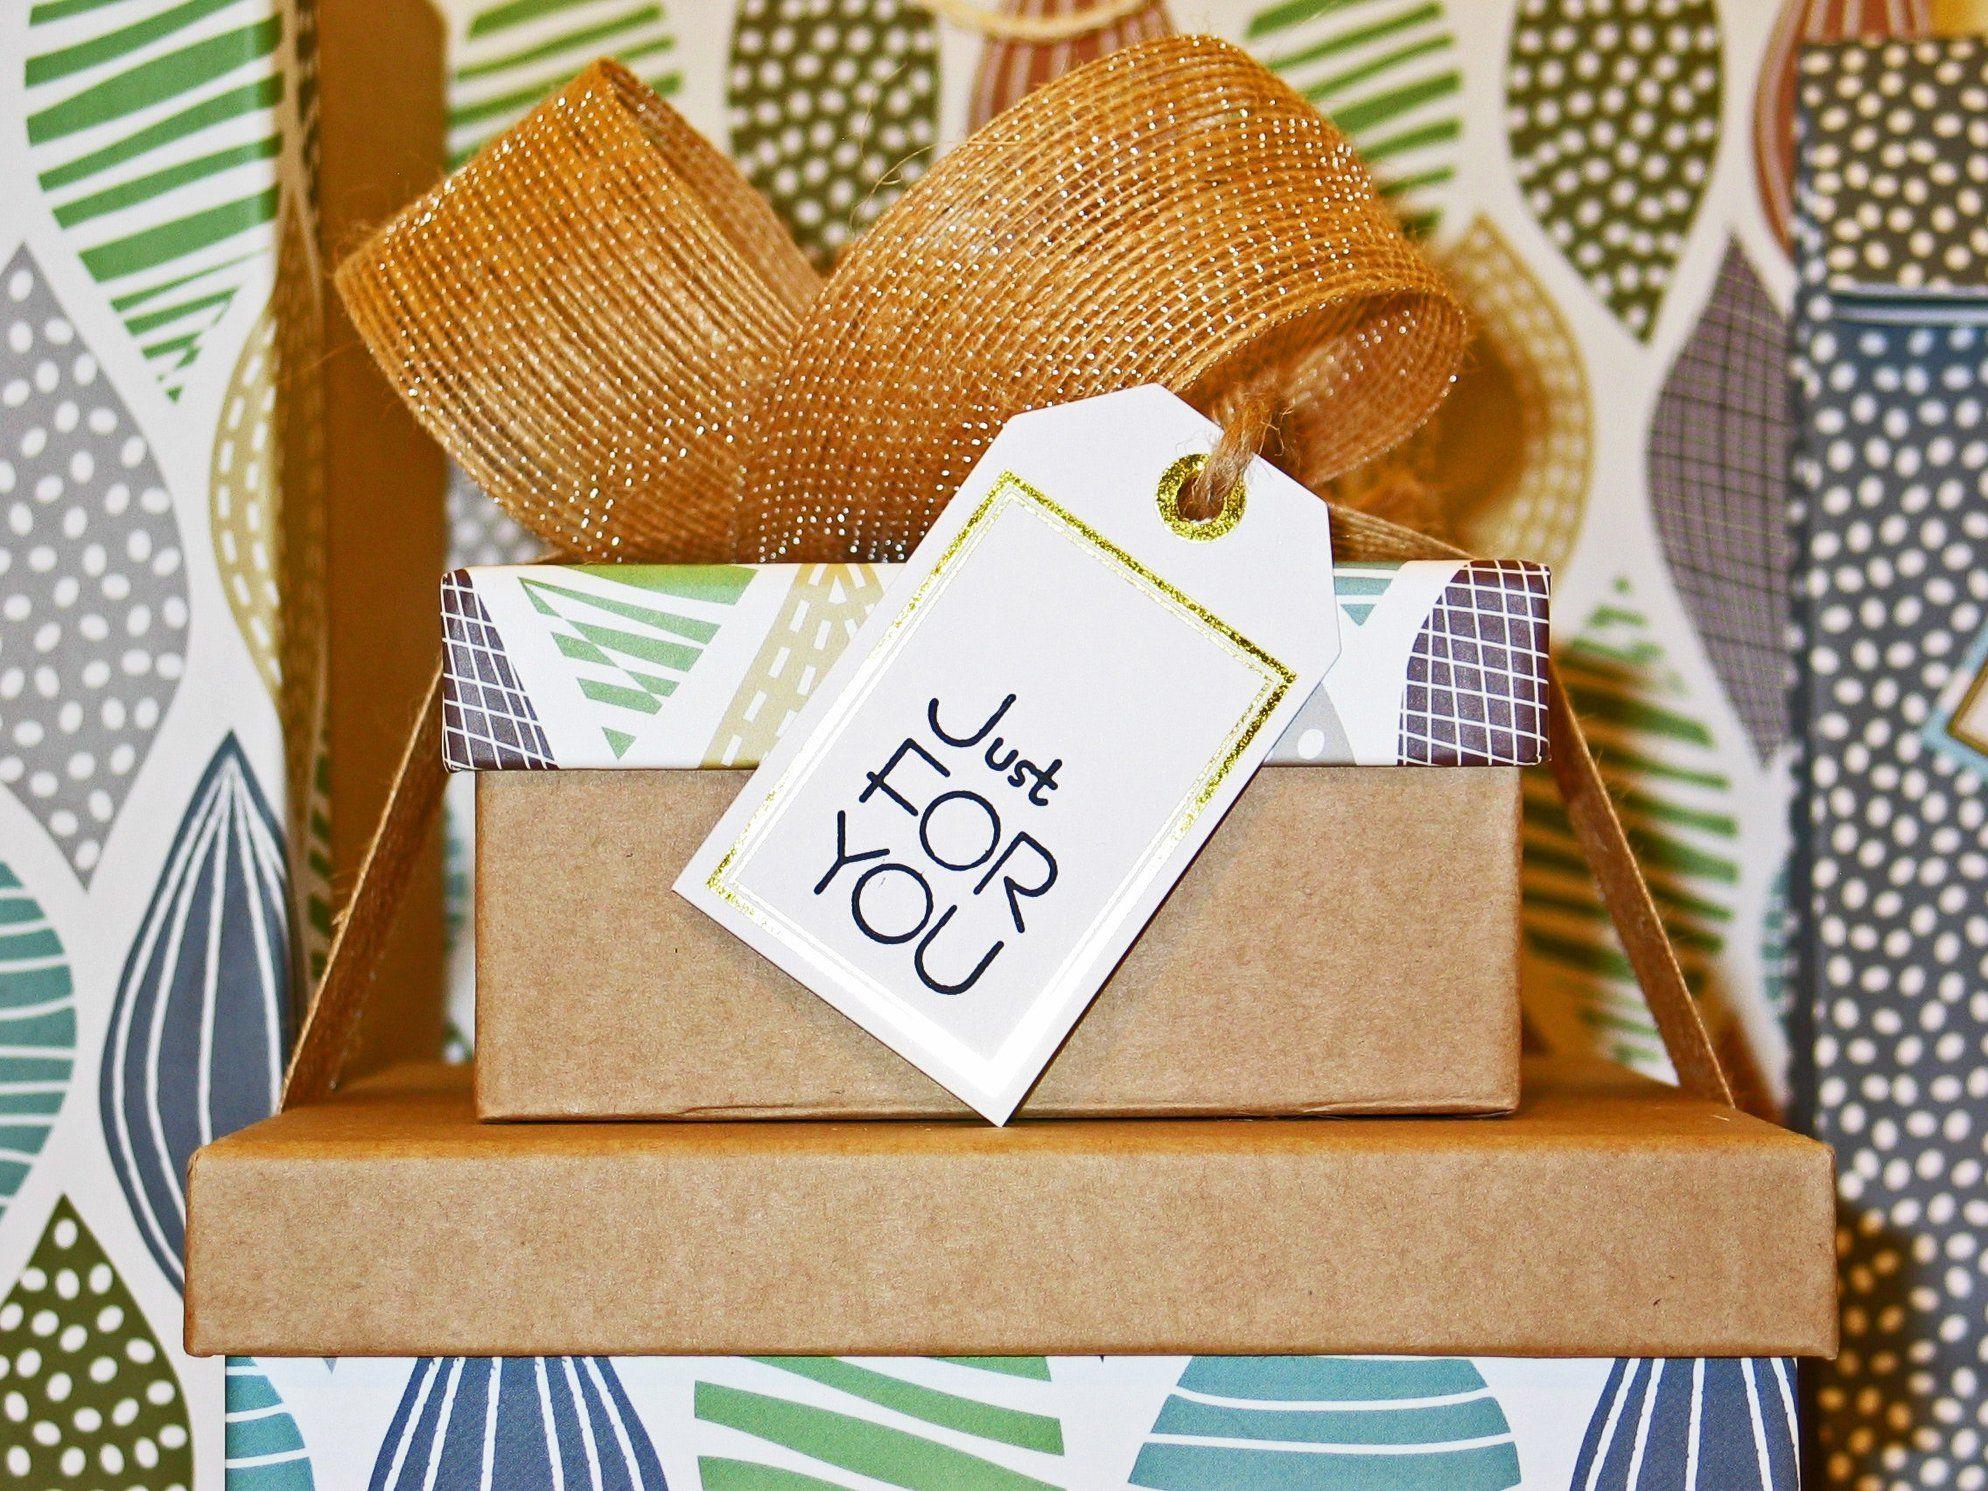 Verpackungslosungen Bei Uns Zu Kaufen Umzugskartons Kleiderboxen Luftpolsterfolie Glas Herzlichen Gluckwunsch Zum Geburtstag Geschenke Geschenke Finden